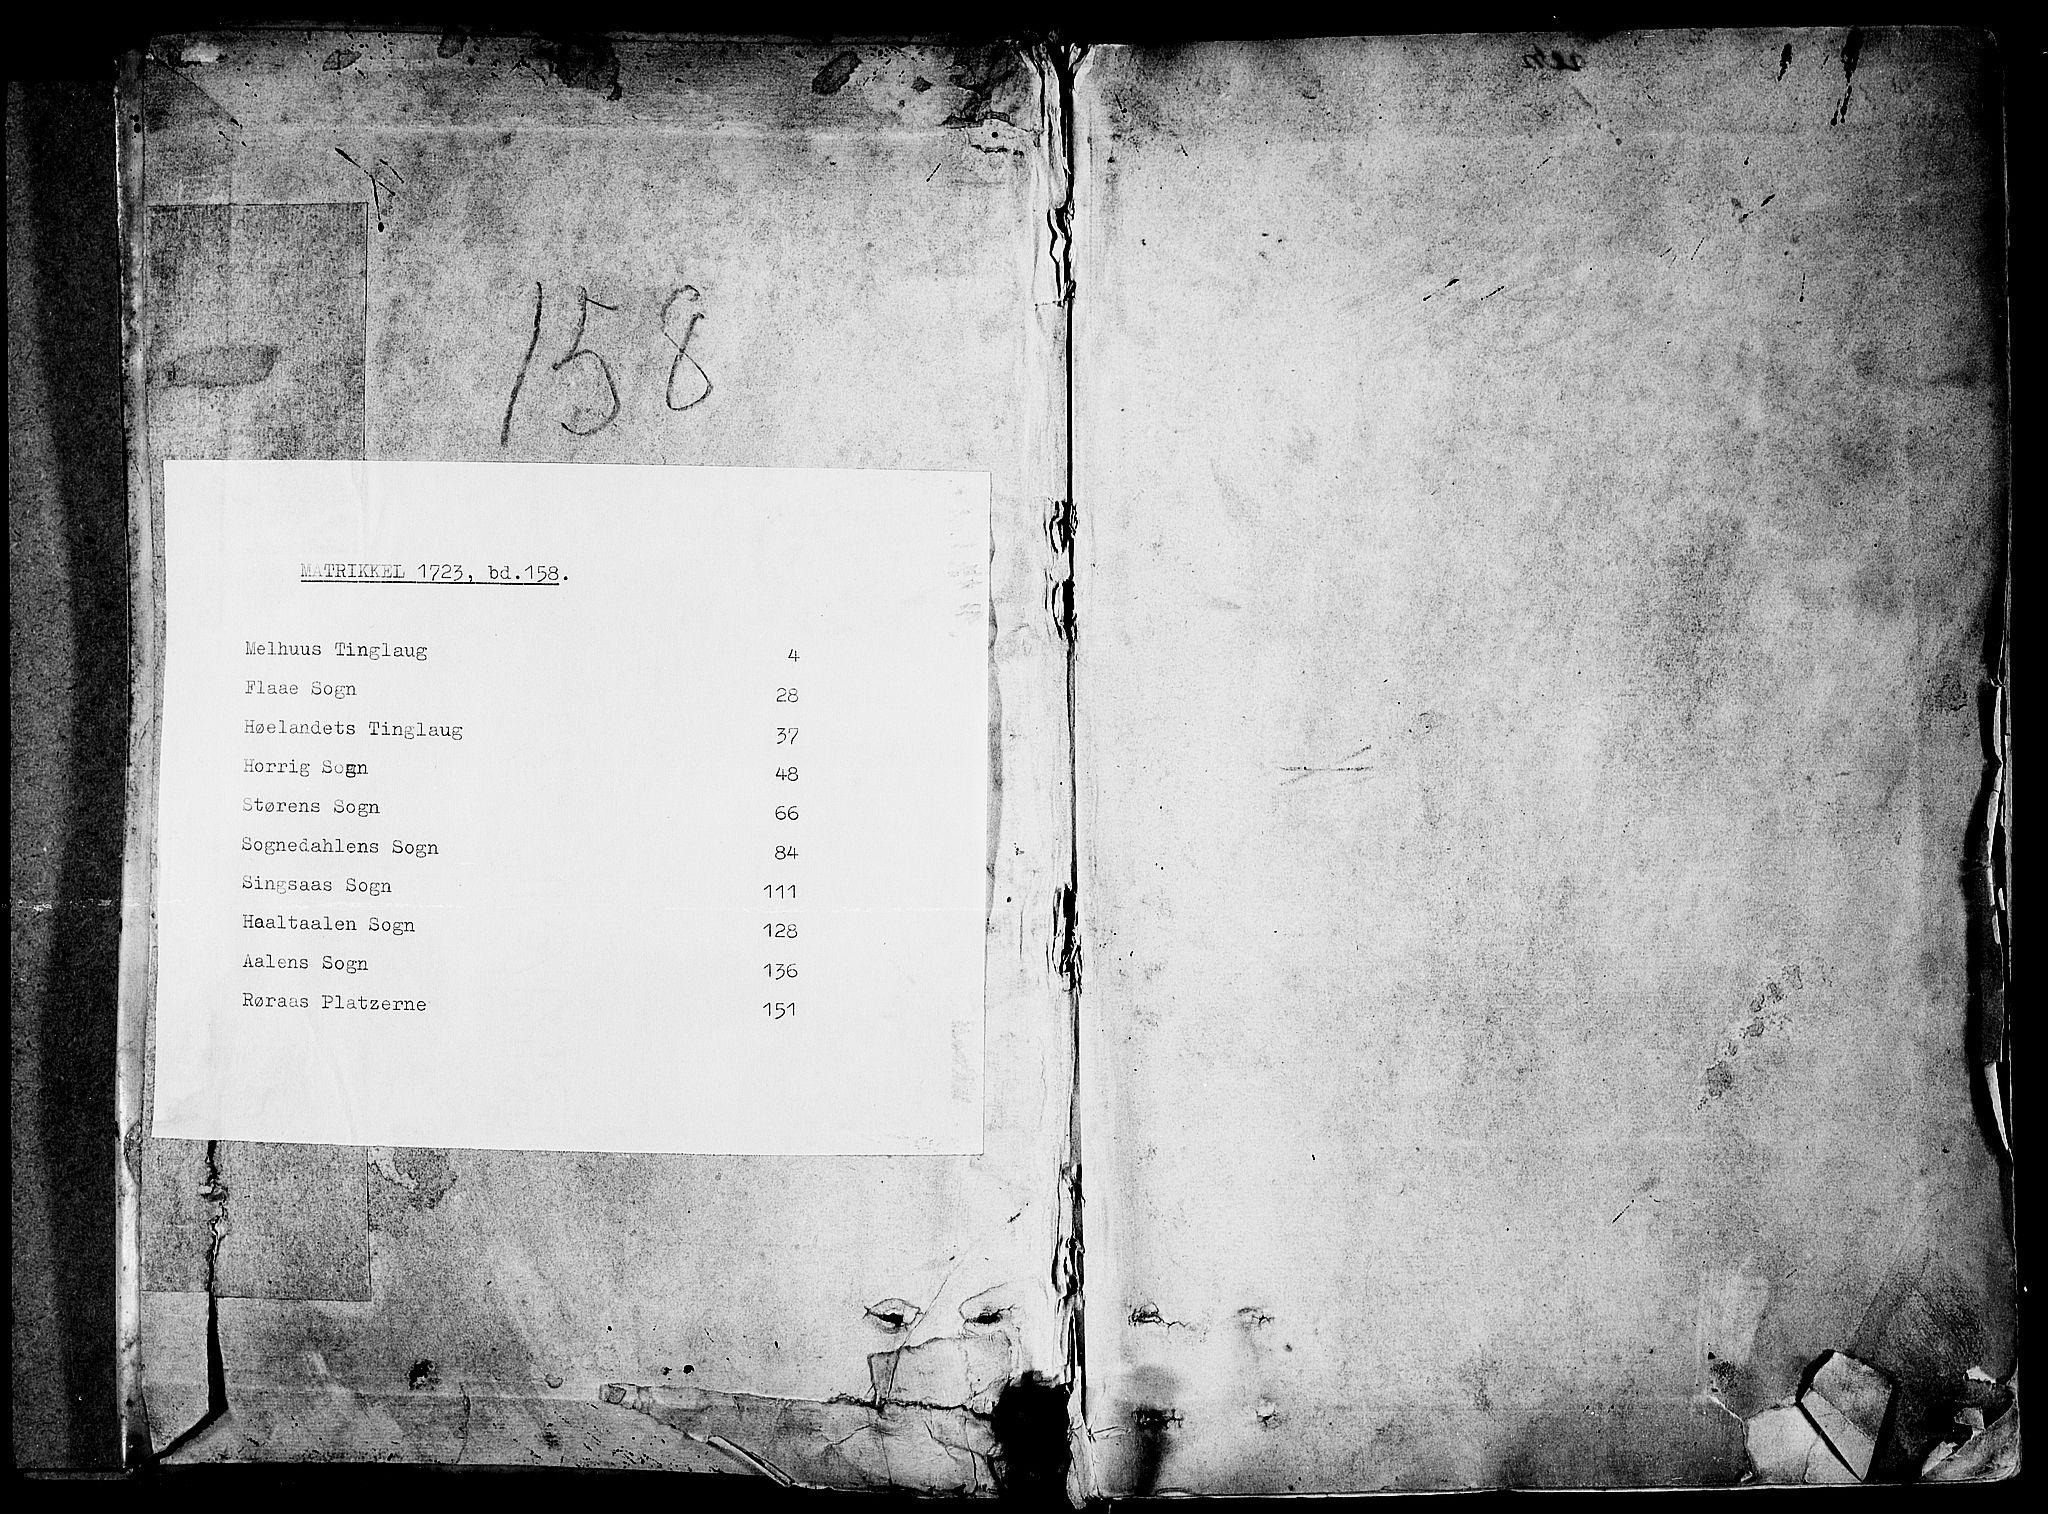 RA, Rentekammeret inntil 1814, Realistisk ordnet avdeling, N/Nb/Nbf/L0158: Gauldal eksaminasjonsprotokoll, 1723, s. upaginert